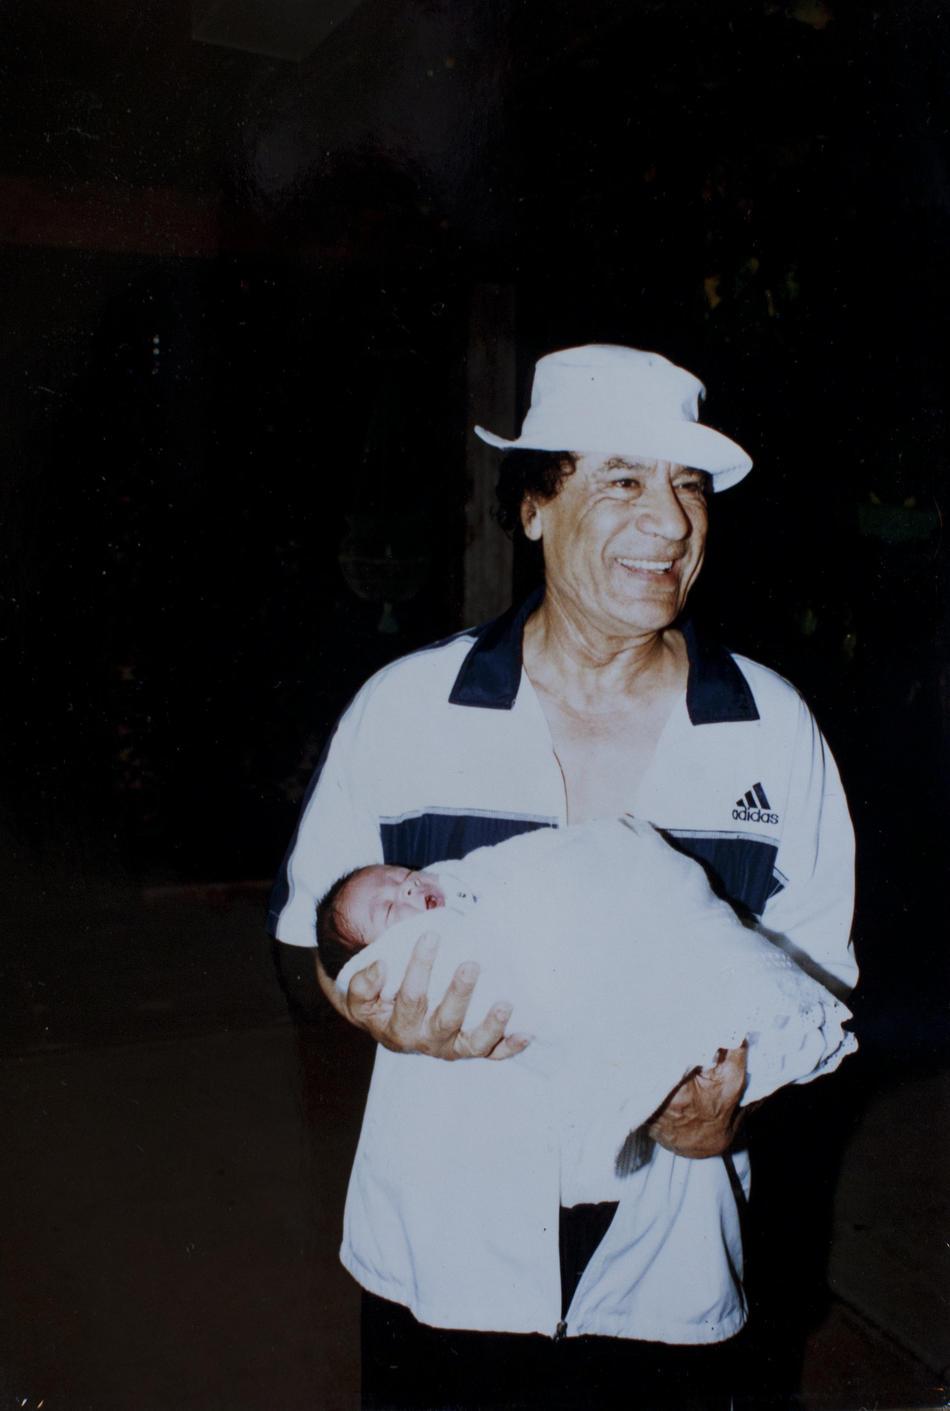 IMAGES16 Фотографии из семейного альбома полковника Каддафи